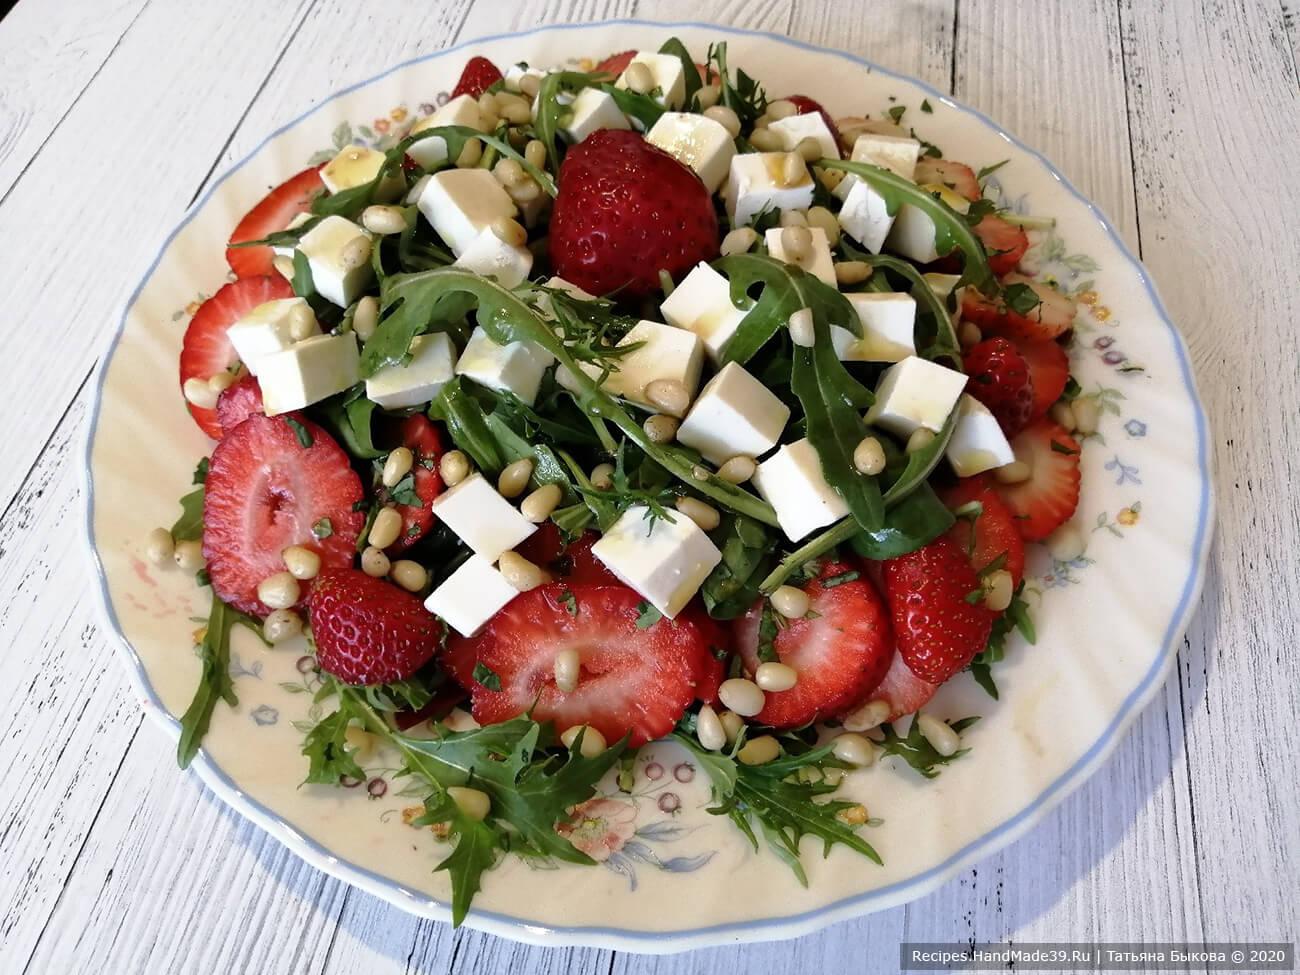 Рецепт полезного итальянского салата с руколой, фетой и клубникой